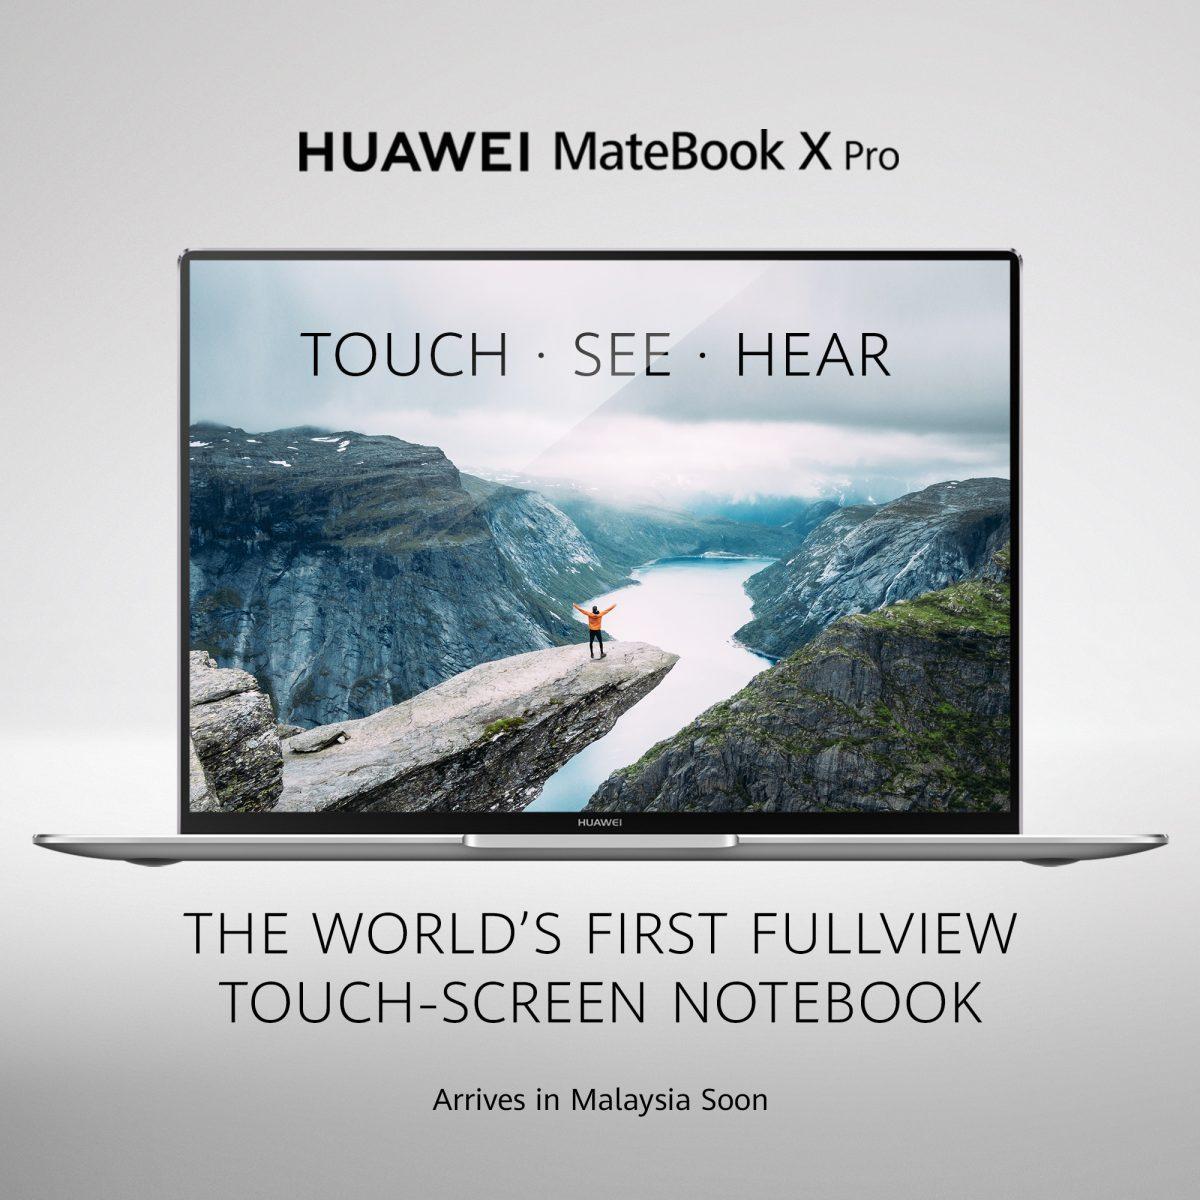 世界第一架触控全面屏笔电!Huawei Matebook X Pro即将来马!